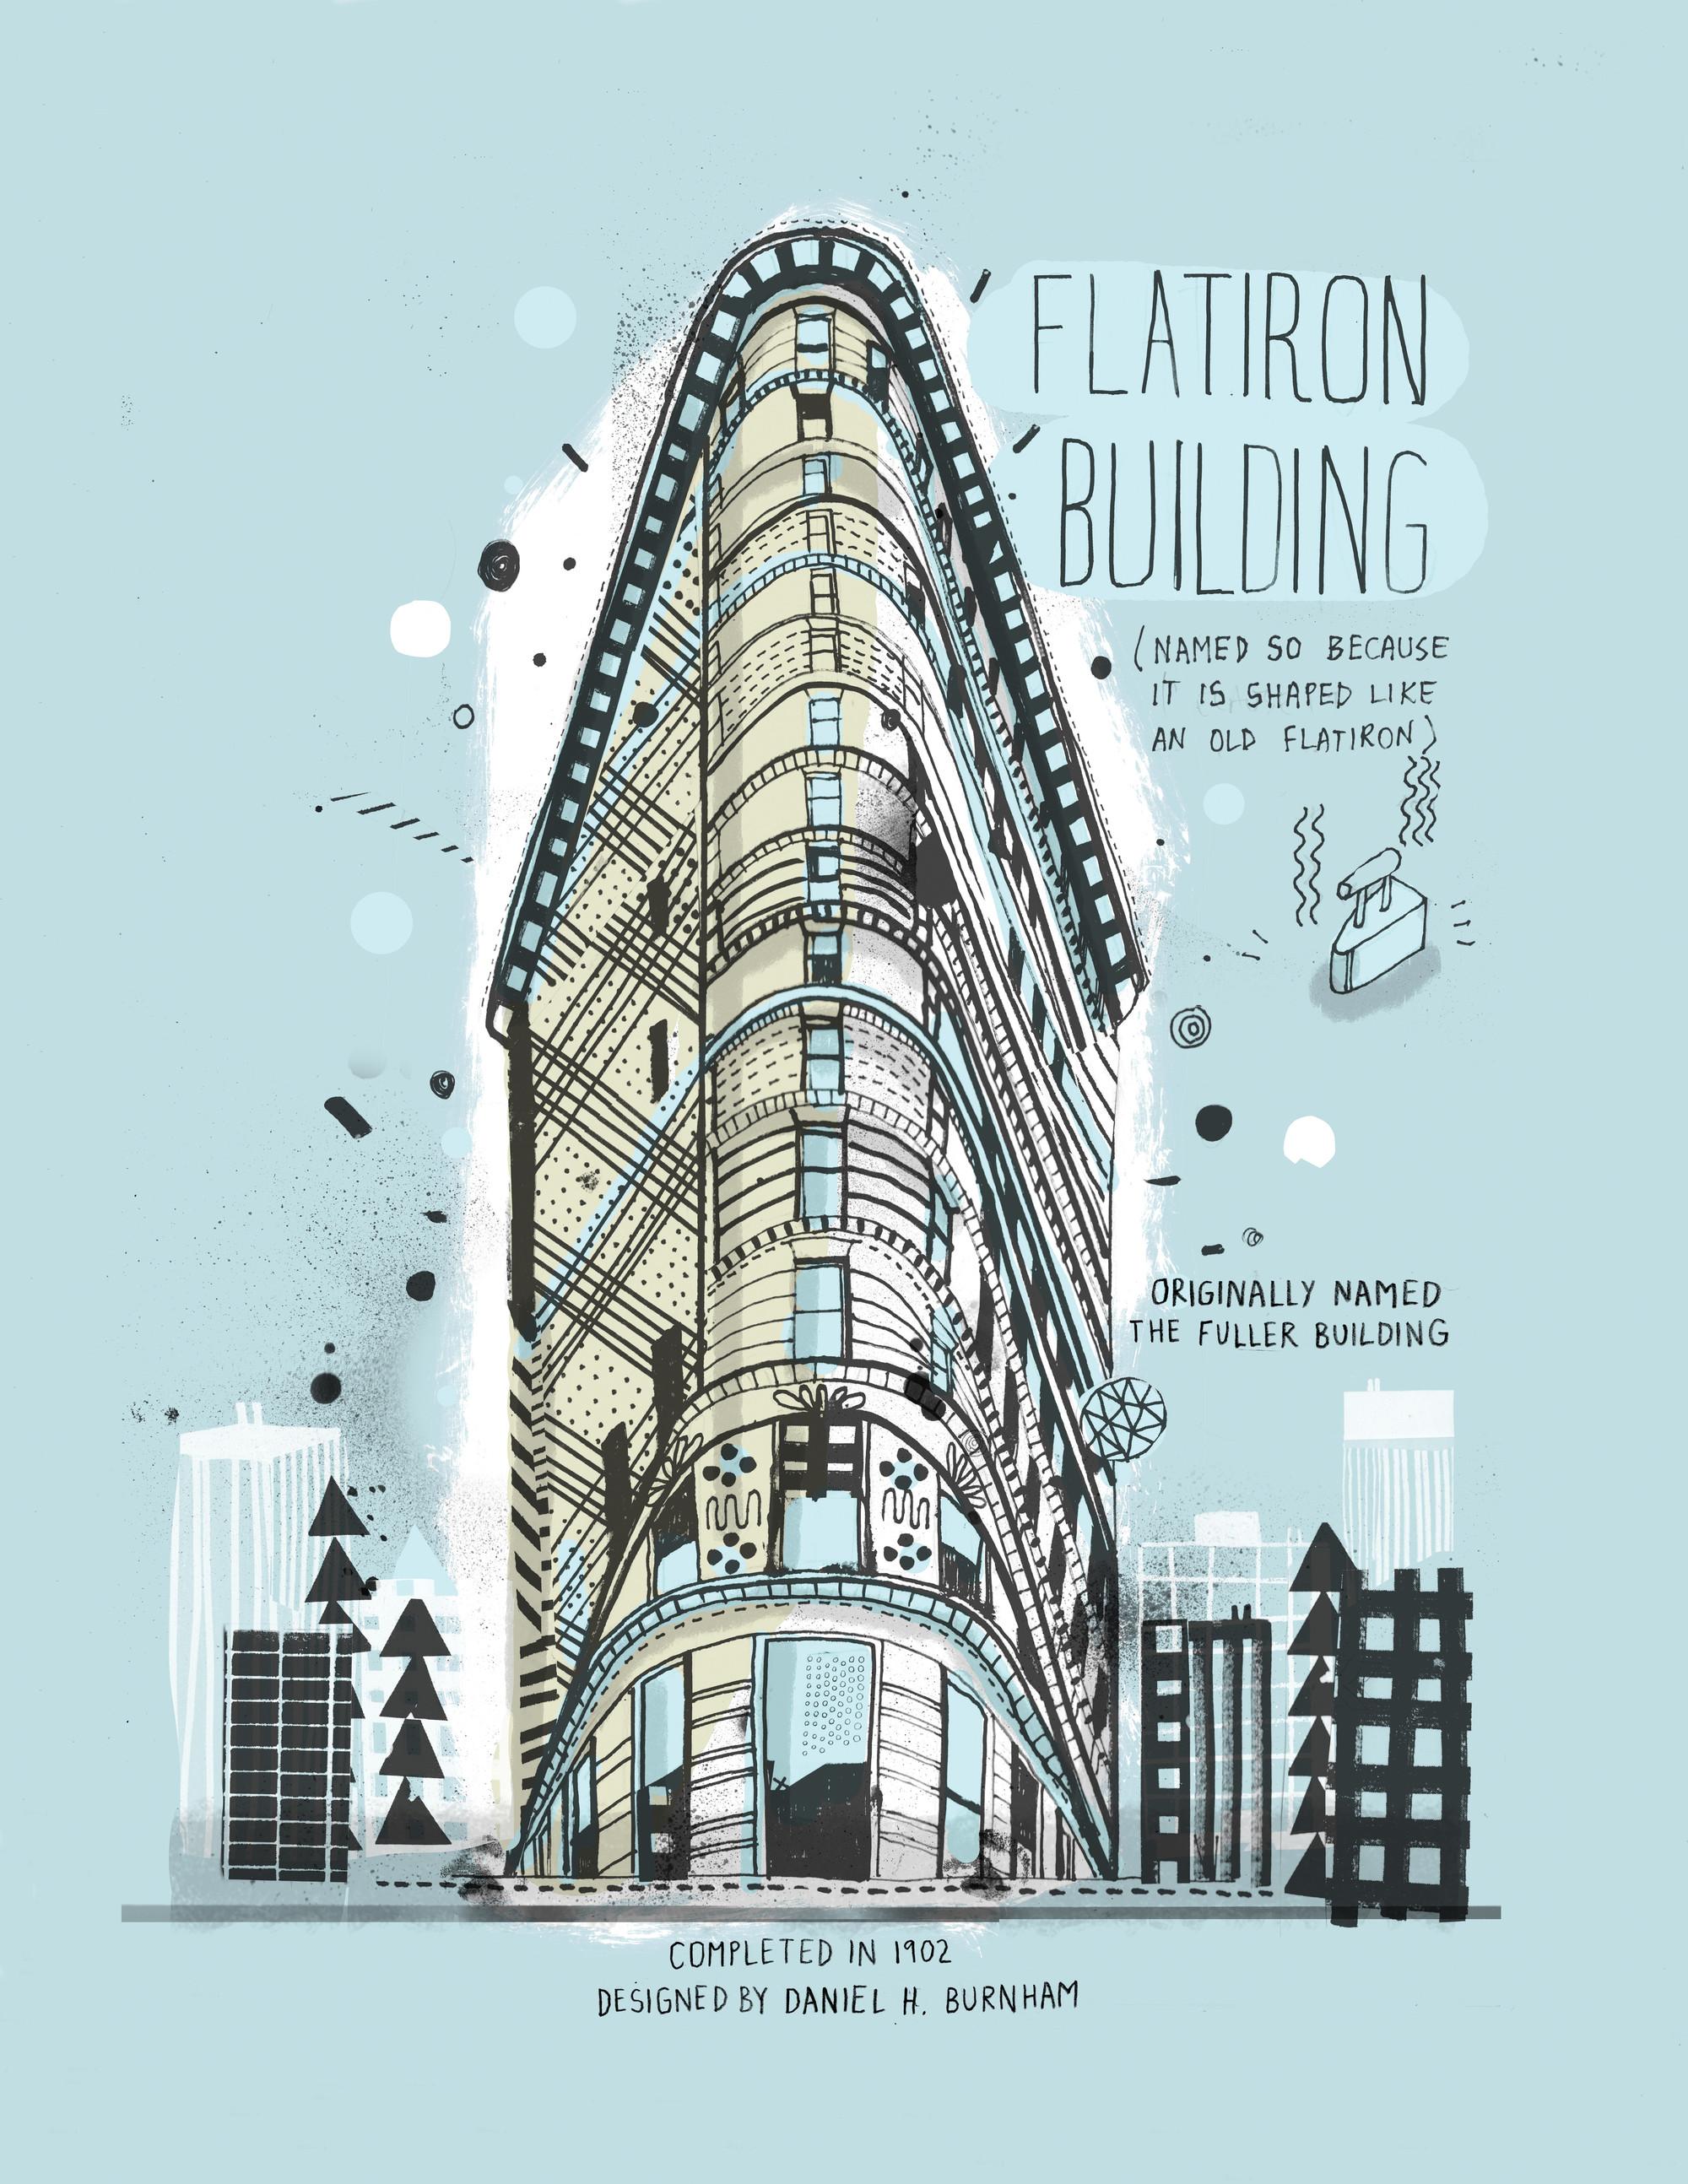 Drawn scenic architecture city Courtesy James All Tag in